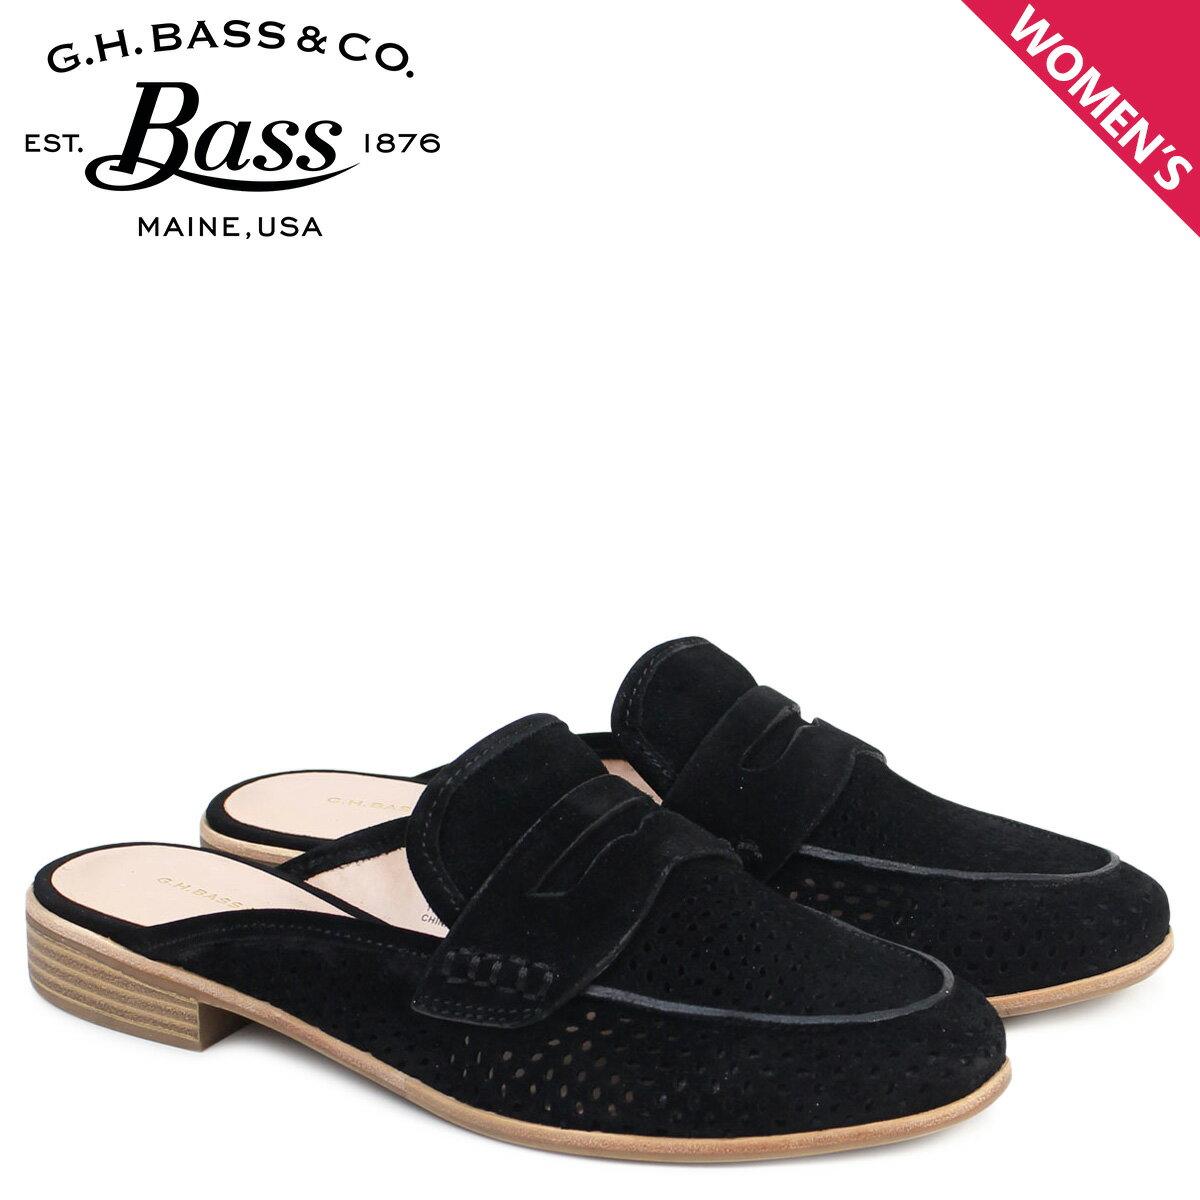 ジーエイチバス ローファー G.H. BASS レディース サンダル スリッパ バブーシュ ERIN MULE 71-21385 靴 ブラック [176]